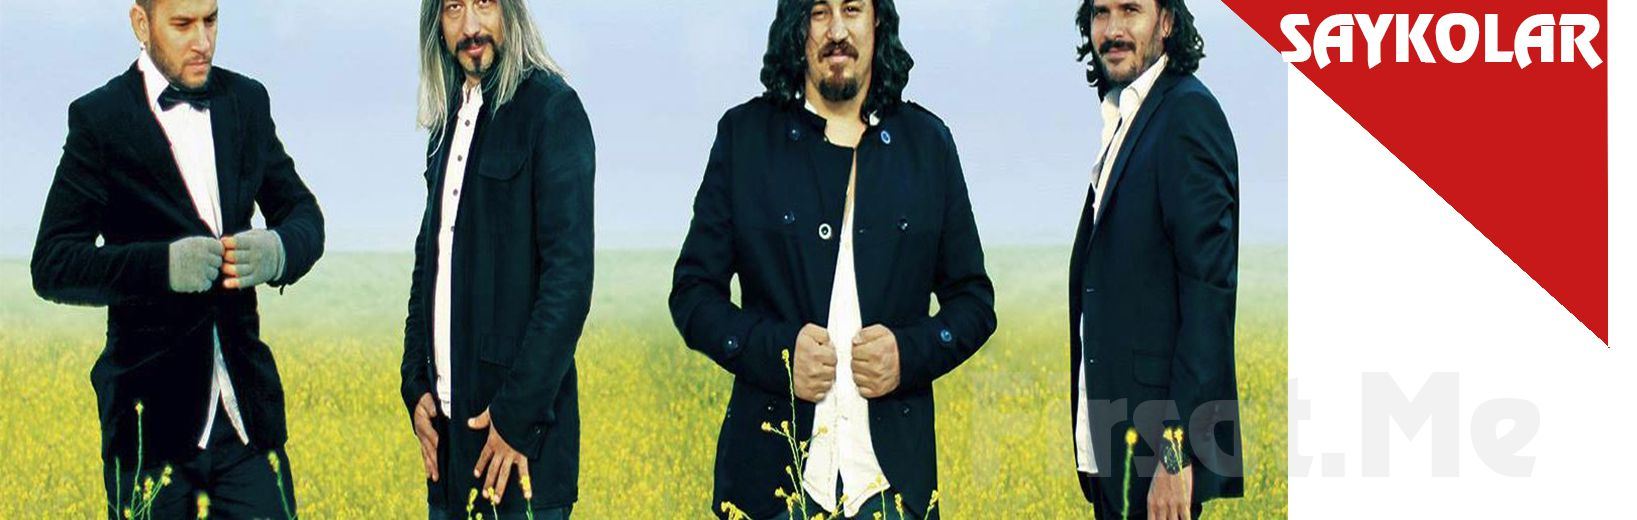 Beyrut Performance Kartal Sahne'de 12 Ekim'de Necati ve Saykolar Konser Giriş Bileti